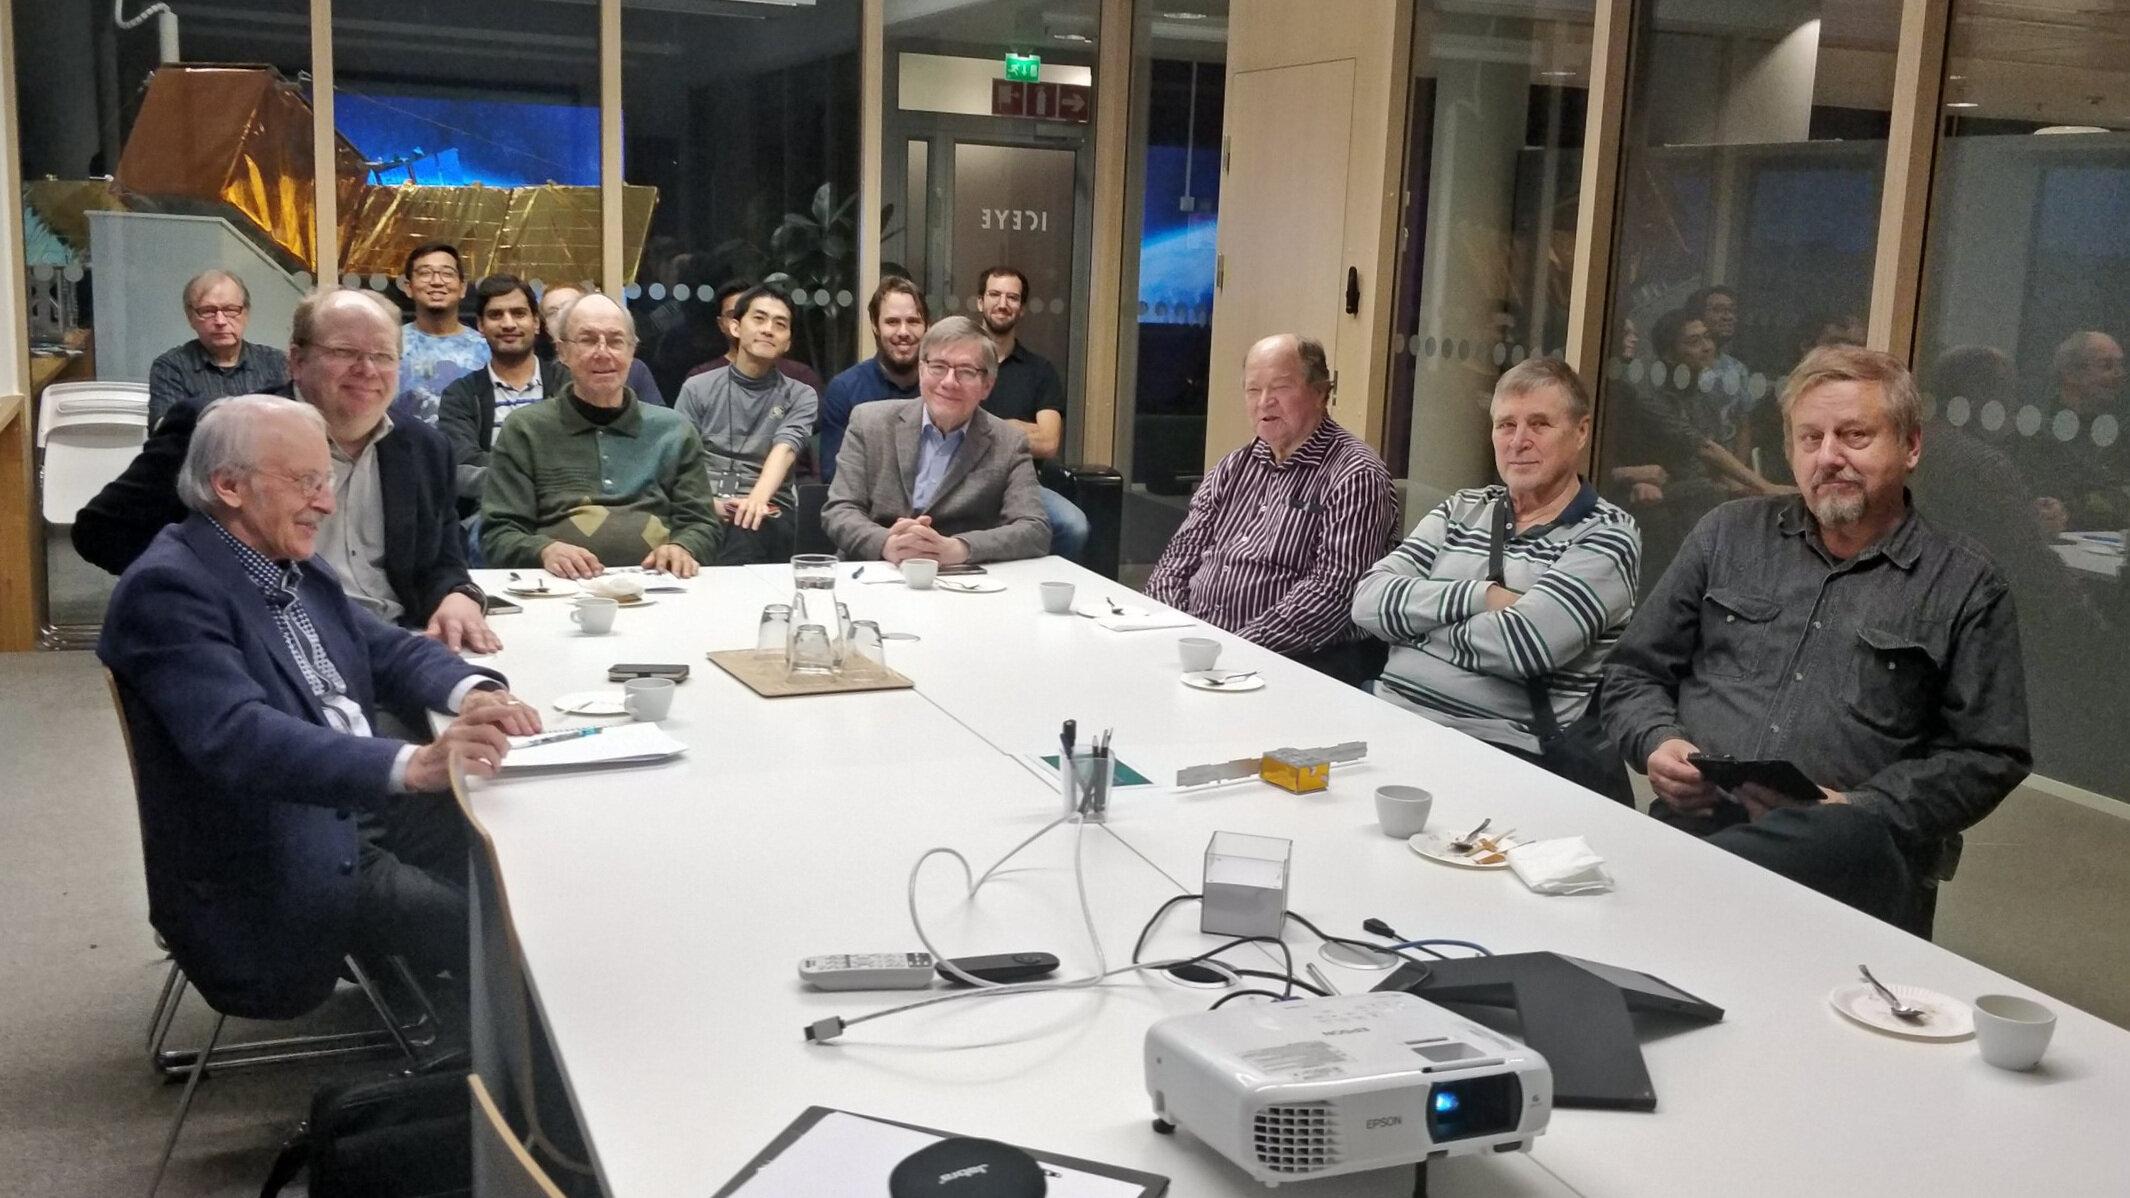 E-illan osallistujia - Chris Winqvistin avaus - TiES:n jäsenillä oli erinomainen tilaisuus osallistua mielenkiintoiseen ICEYE:n ekskursioon torstaina 24.10.2019. Heti alkuun tuli selnväksi, että olemme huippumielenkiintoisessa yrityksessä vieraana, kun saimme ohjeeksi jättää älylaitteet (puhelimet, apple kellot ym.) yhteen huoneeseen ennen varsinaisiin tuotanto- ja testitiloihin tutustumista. Kaikenkaikkiaan meitä oli saapuvilla 25 henkilöä ja E-illan isäntänä toimi Christoffer Winquist, Business Development Director ja satelliittitekniikkaa esitteli Julio Castillo, Technical Lead, Product Software Engineering .